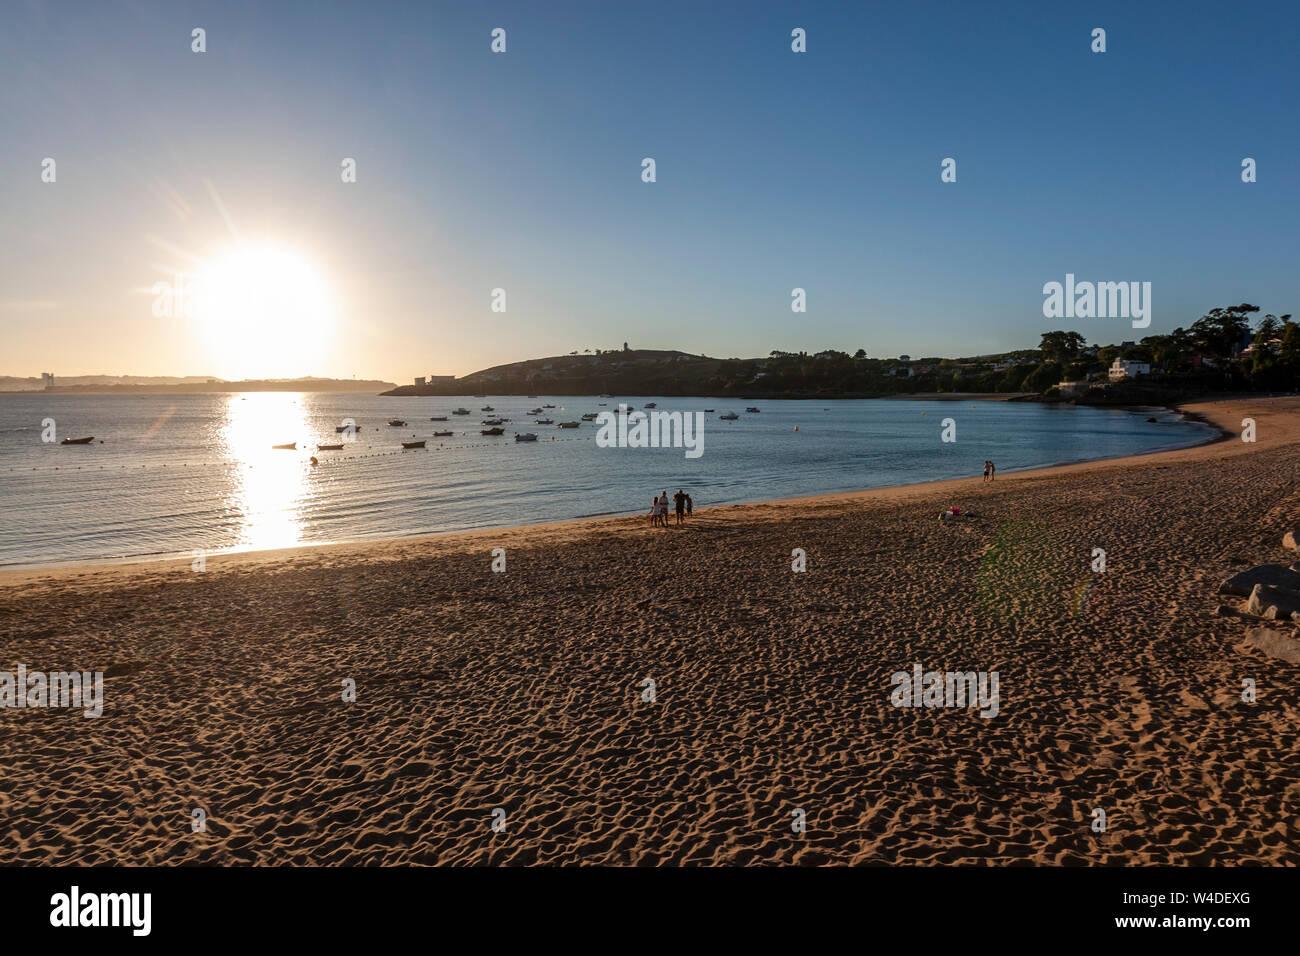 Playa de Mera, Oleiros, A Coruña Province, Galicia, Spain Stock Photo